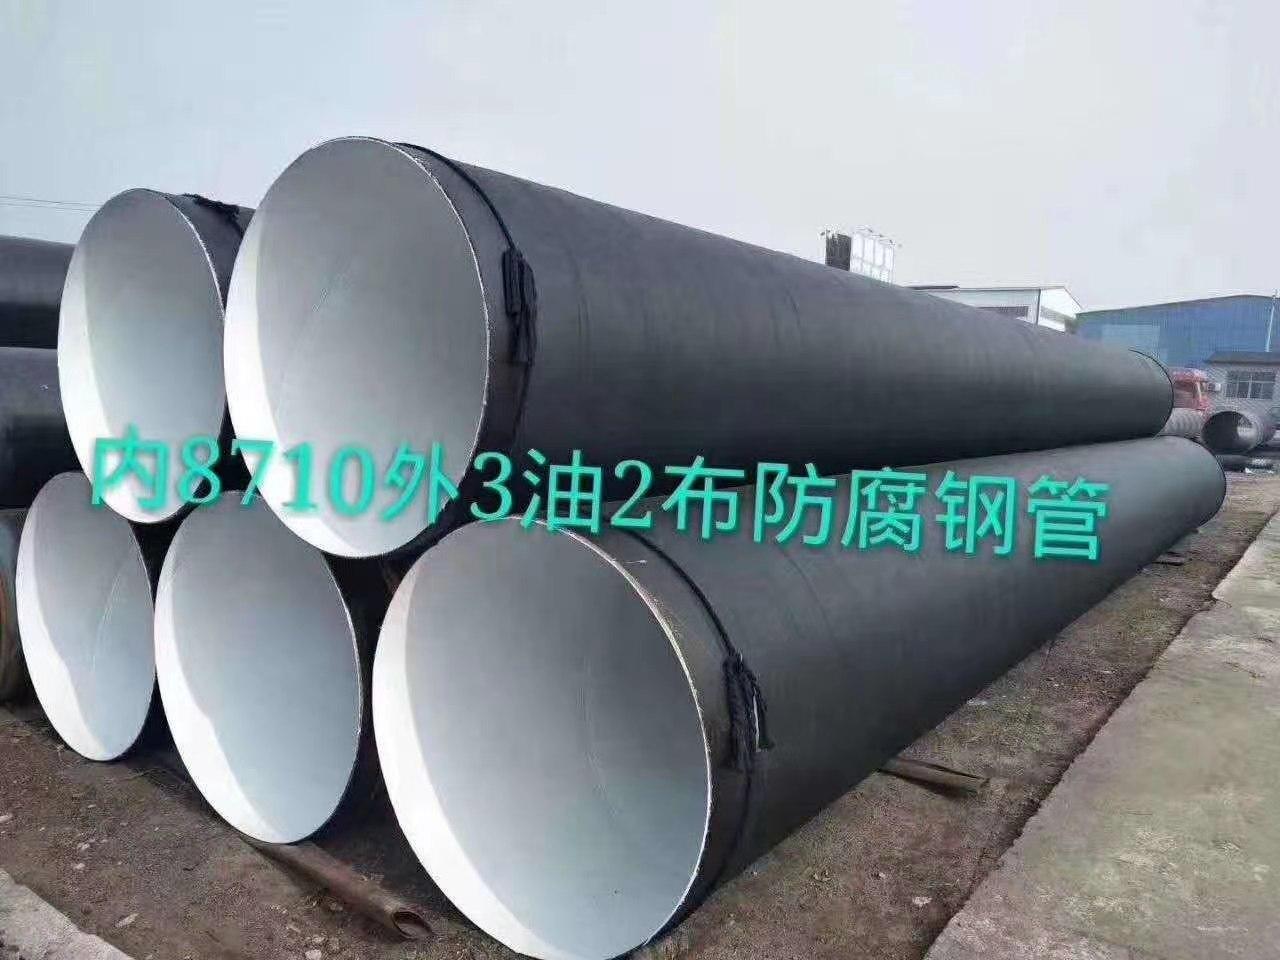 污水处理用螺旋钢管生产工艺 (云浮)